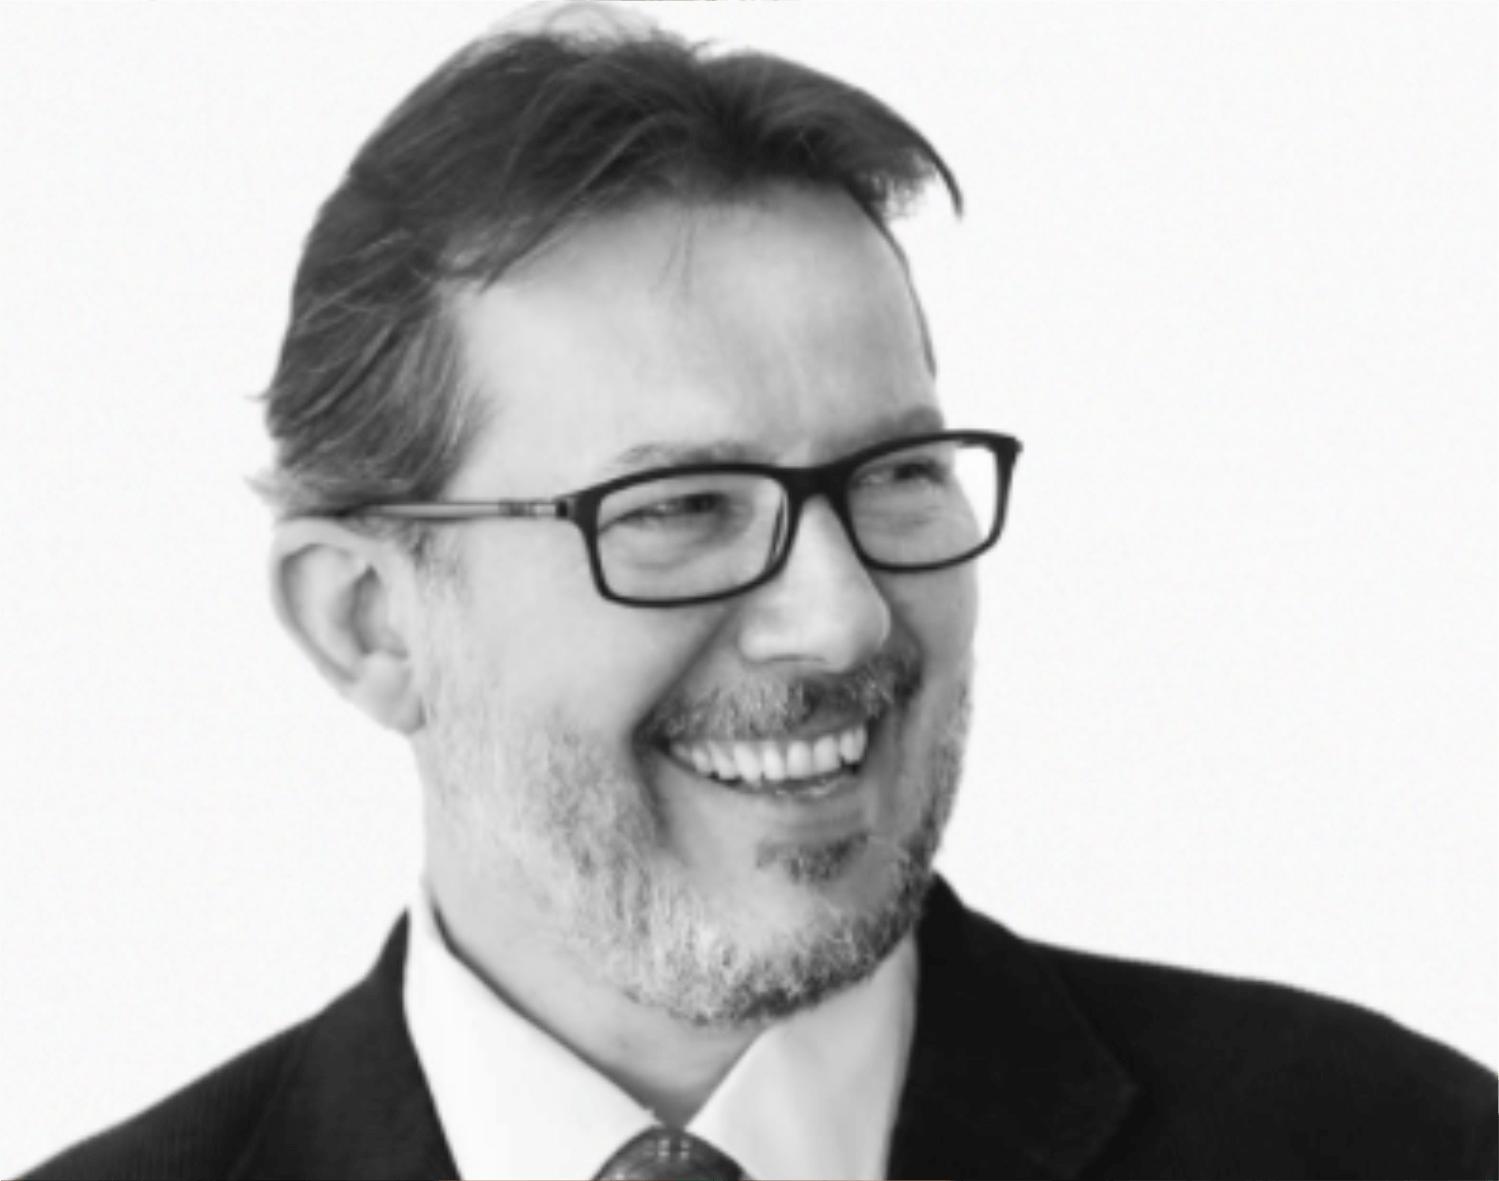 Arq. Urb. Tiago Holzmann